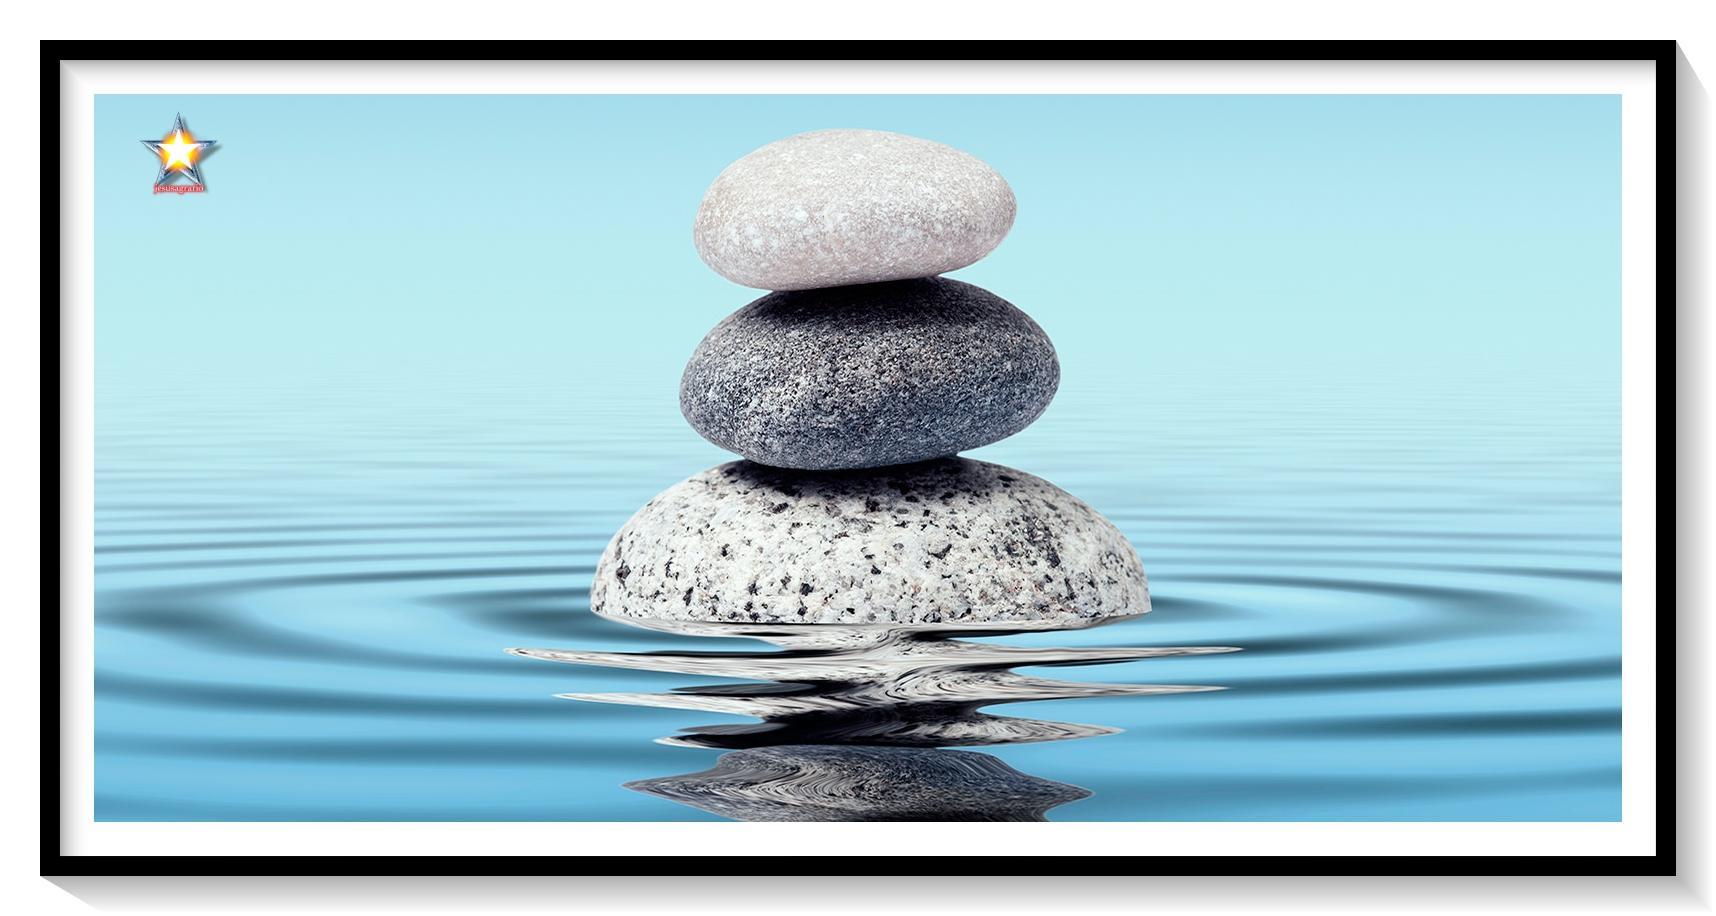 Las 3 fases de la meditacion